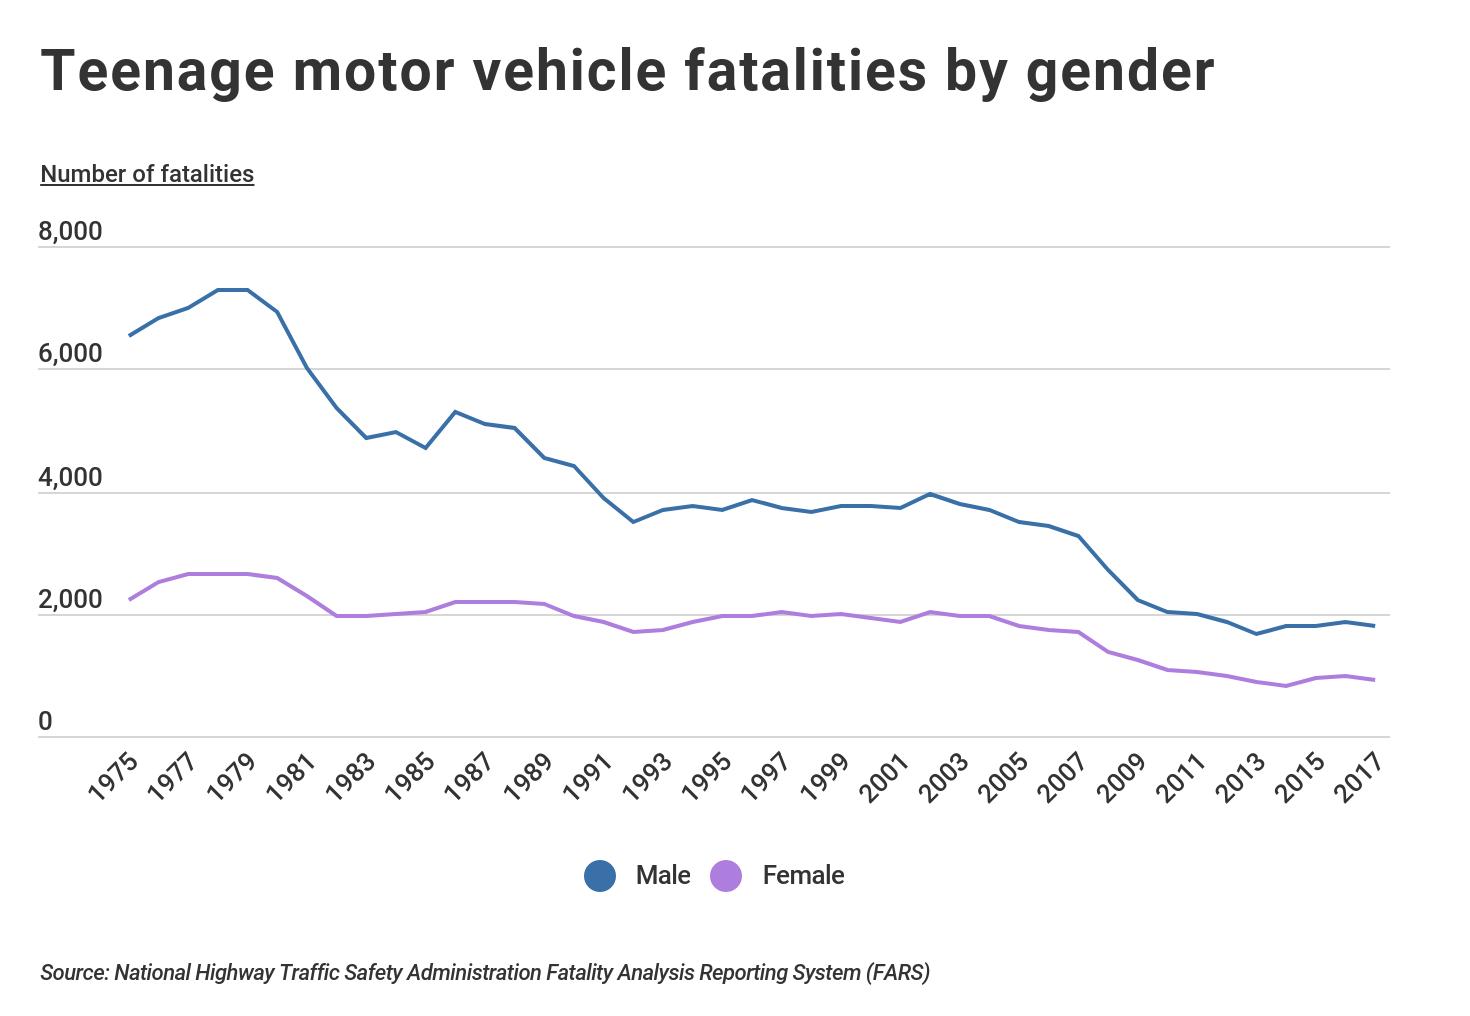 Teenage Motor Vehicle Fatalities by Gender